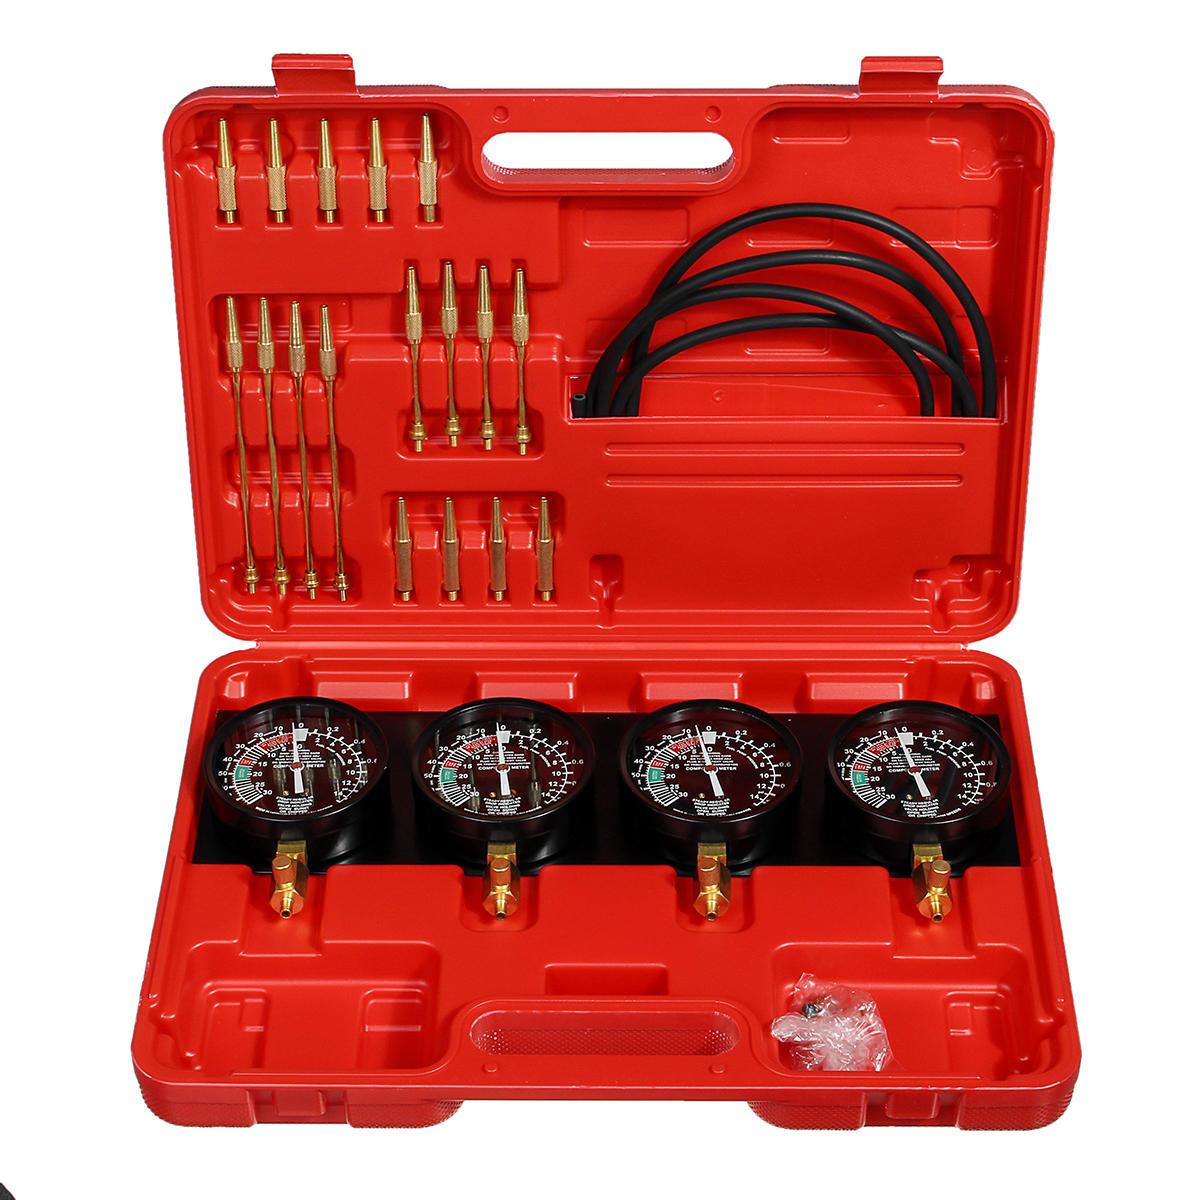 Carb Carburetor Vacuum Synchronizer Gauges Balancer Tool Kit For 2/4 Cylinder Motorcycle